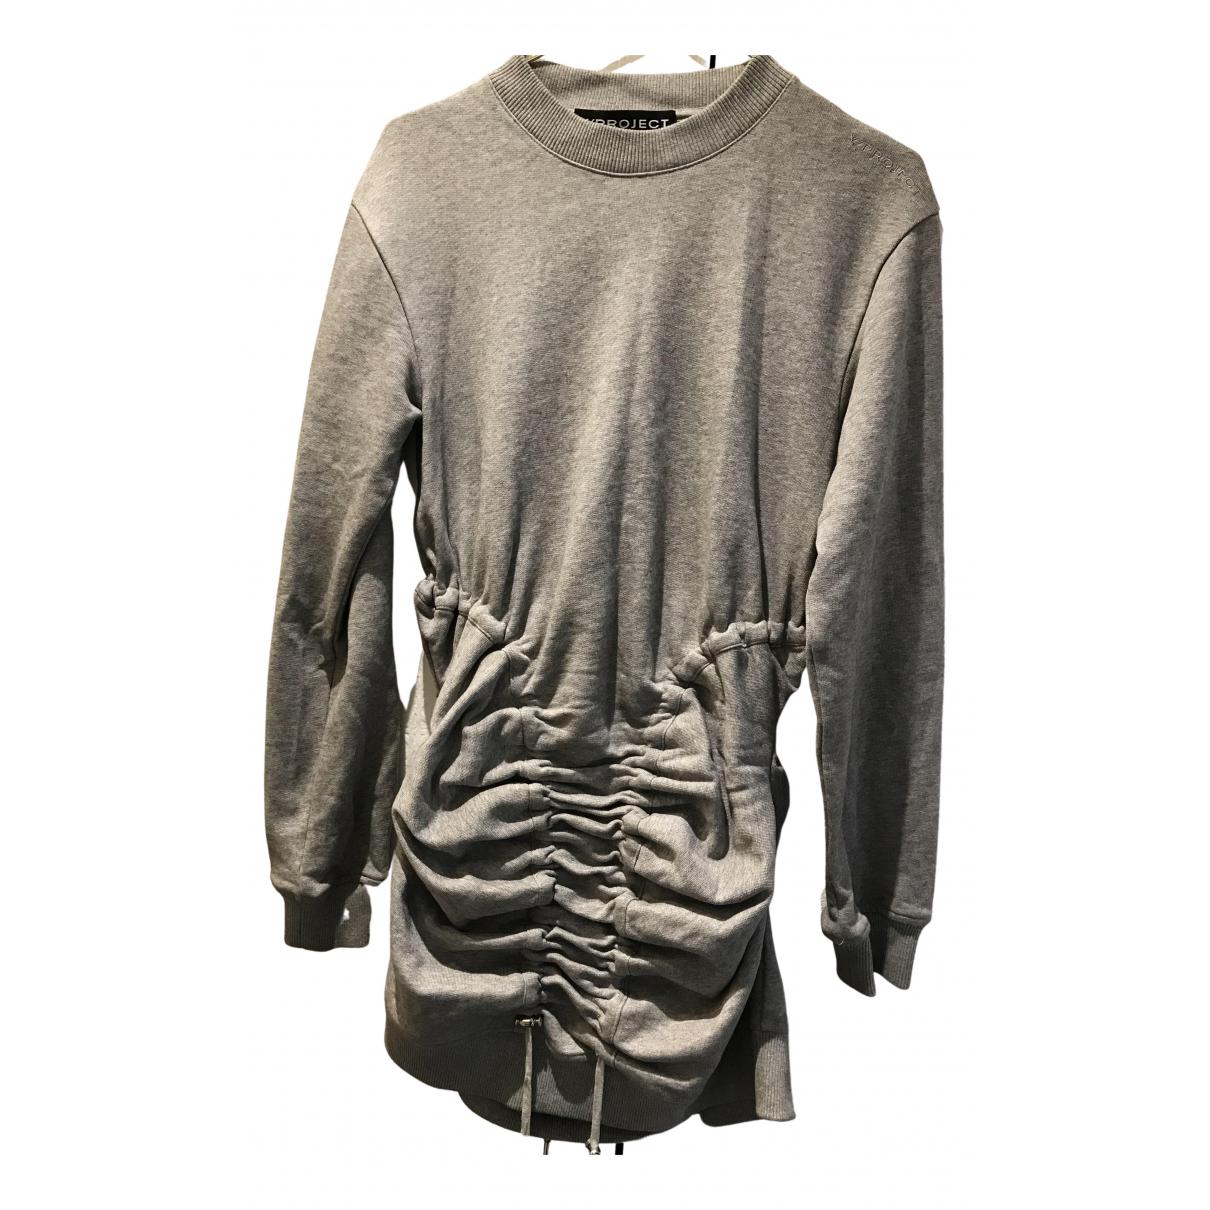 Y/project \N Kleid in  Grau Baumwolle